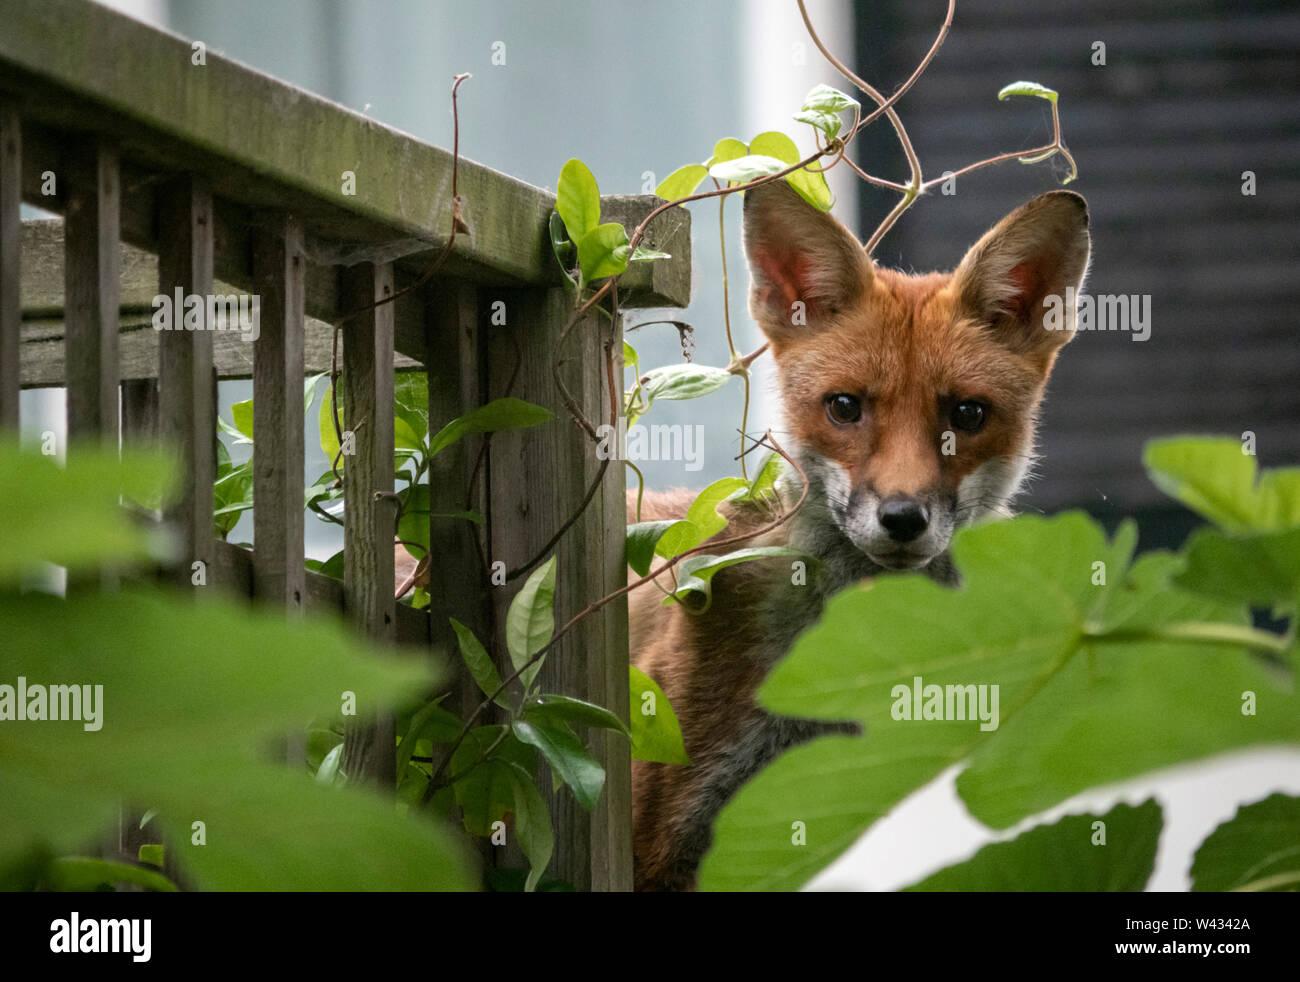 Fox urbain: un jeune renard rouge sauvage européenne pokes son siège de derrière un arbre dans un jardin privé sur le front de mer de Brighton, Angleterre, RU Banque D'Images